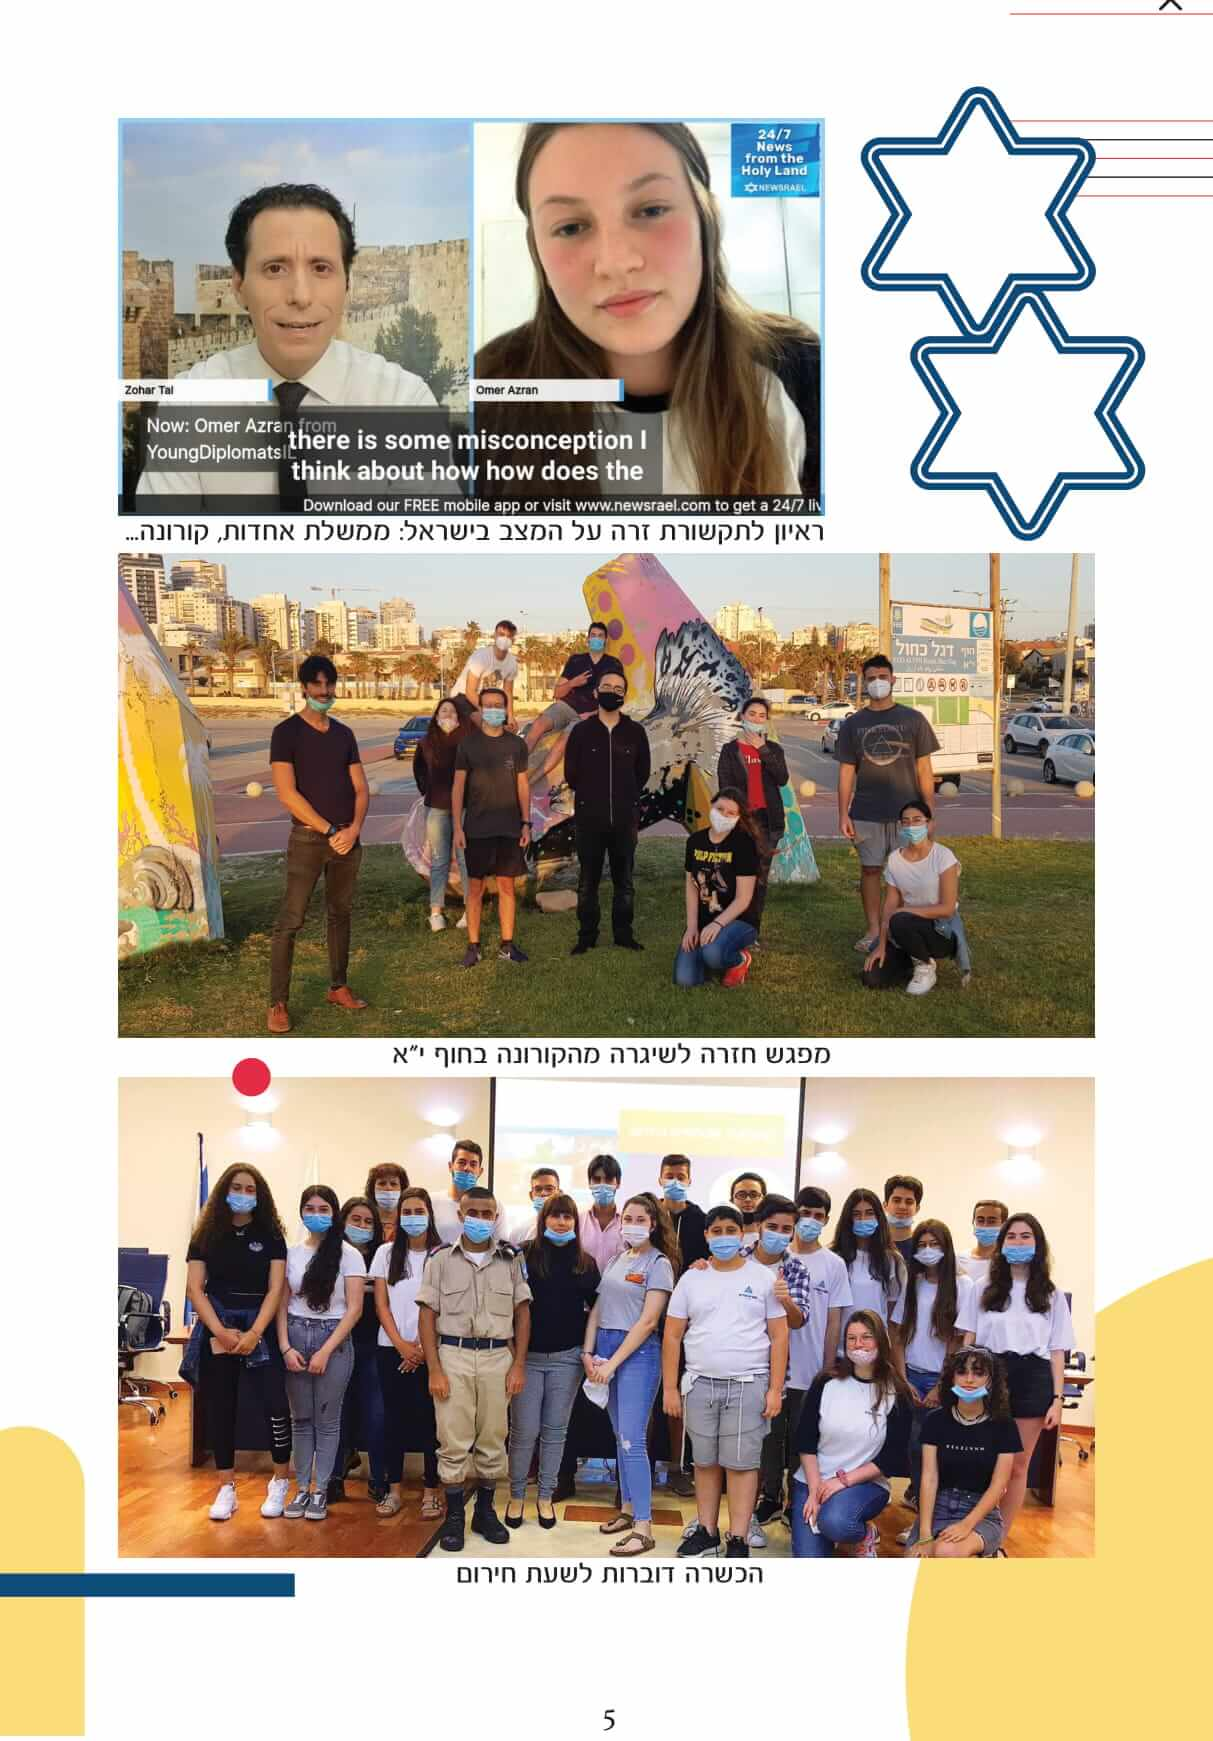 באזמרקט - חוברת הסברה צוערים צעירים אשדוד